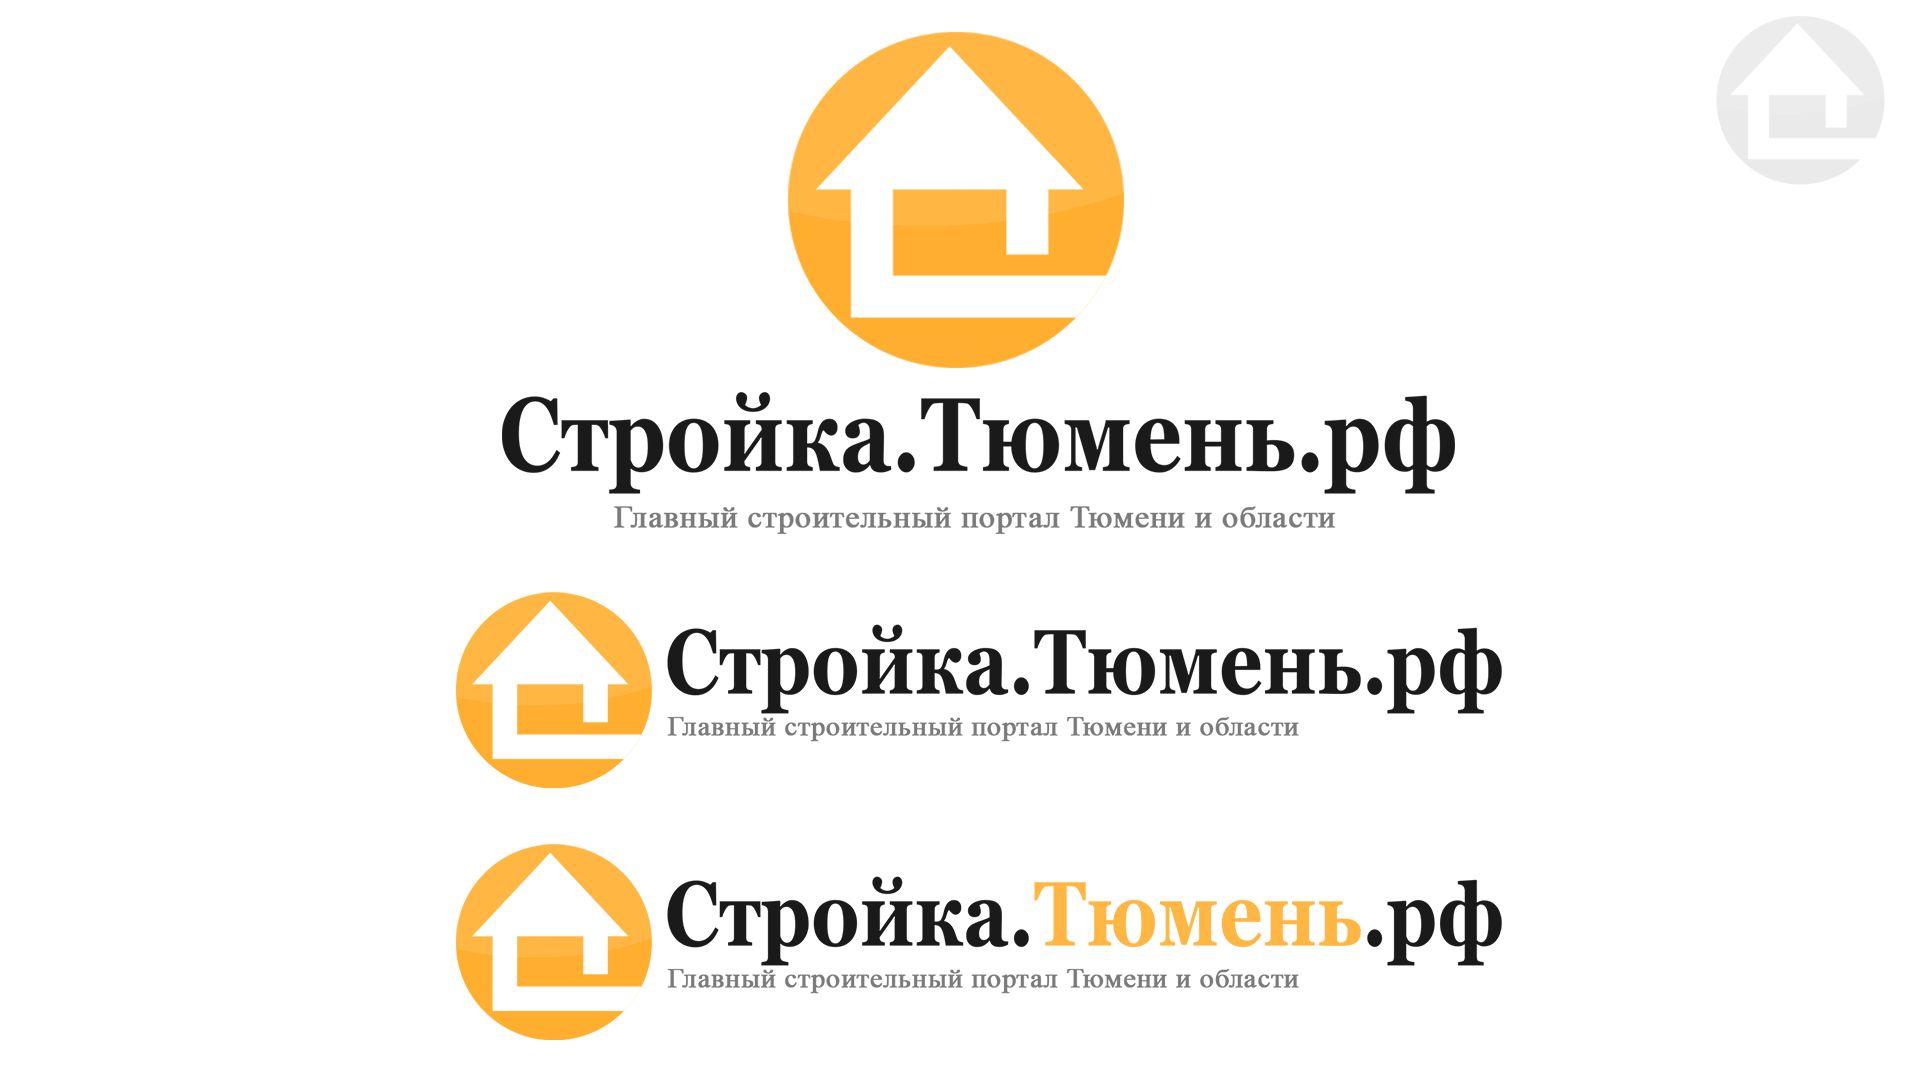 Логотип для строительного портала - дизайнер RayGamesThe